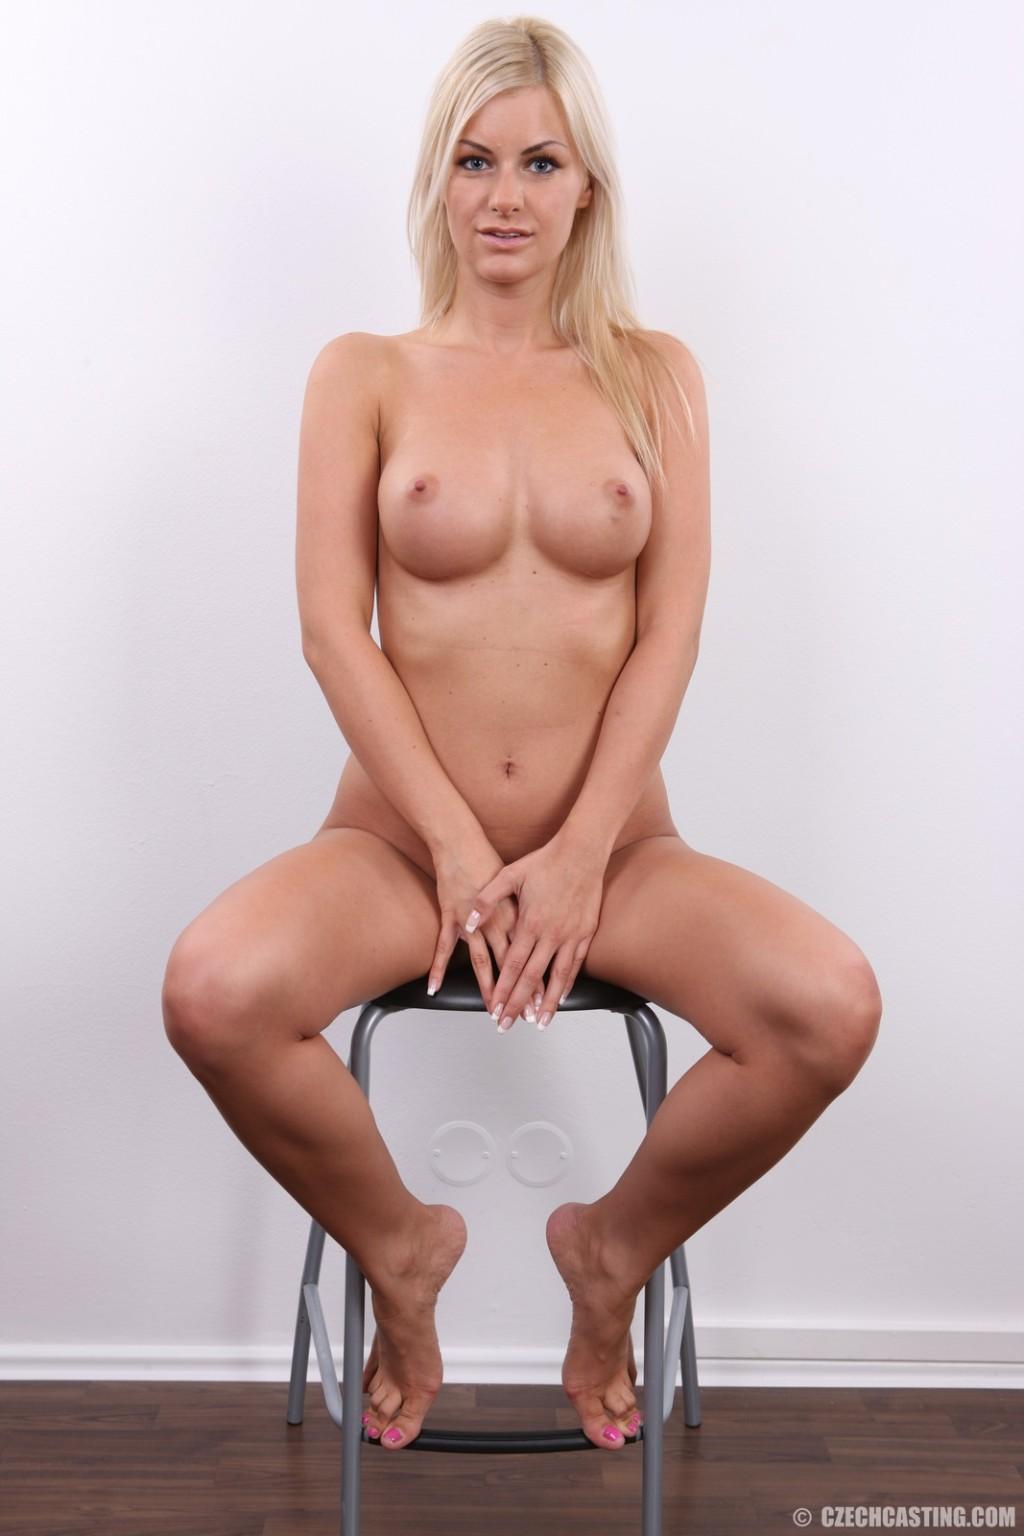 Блондиночка с привлекательной пиздой показала свои достоинства на публику